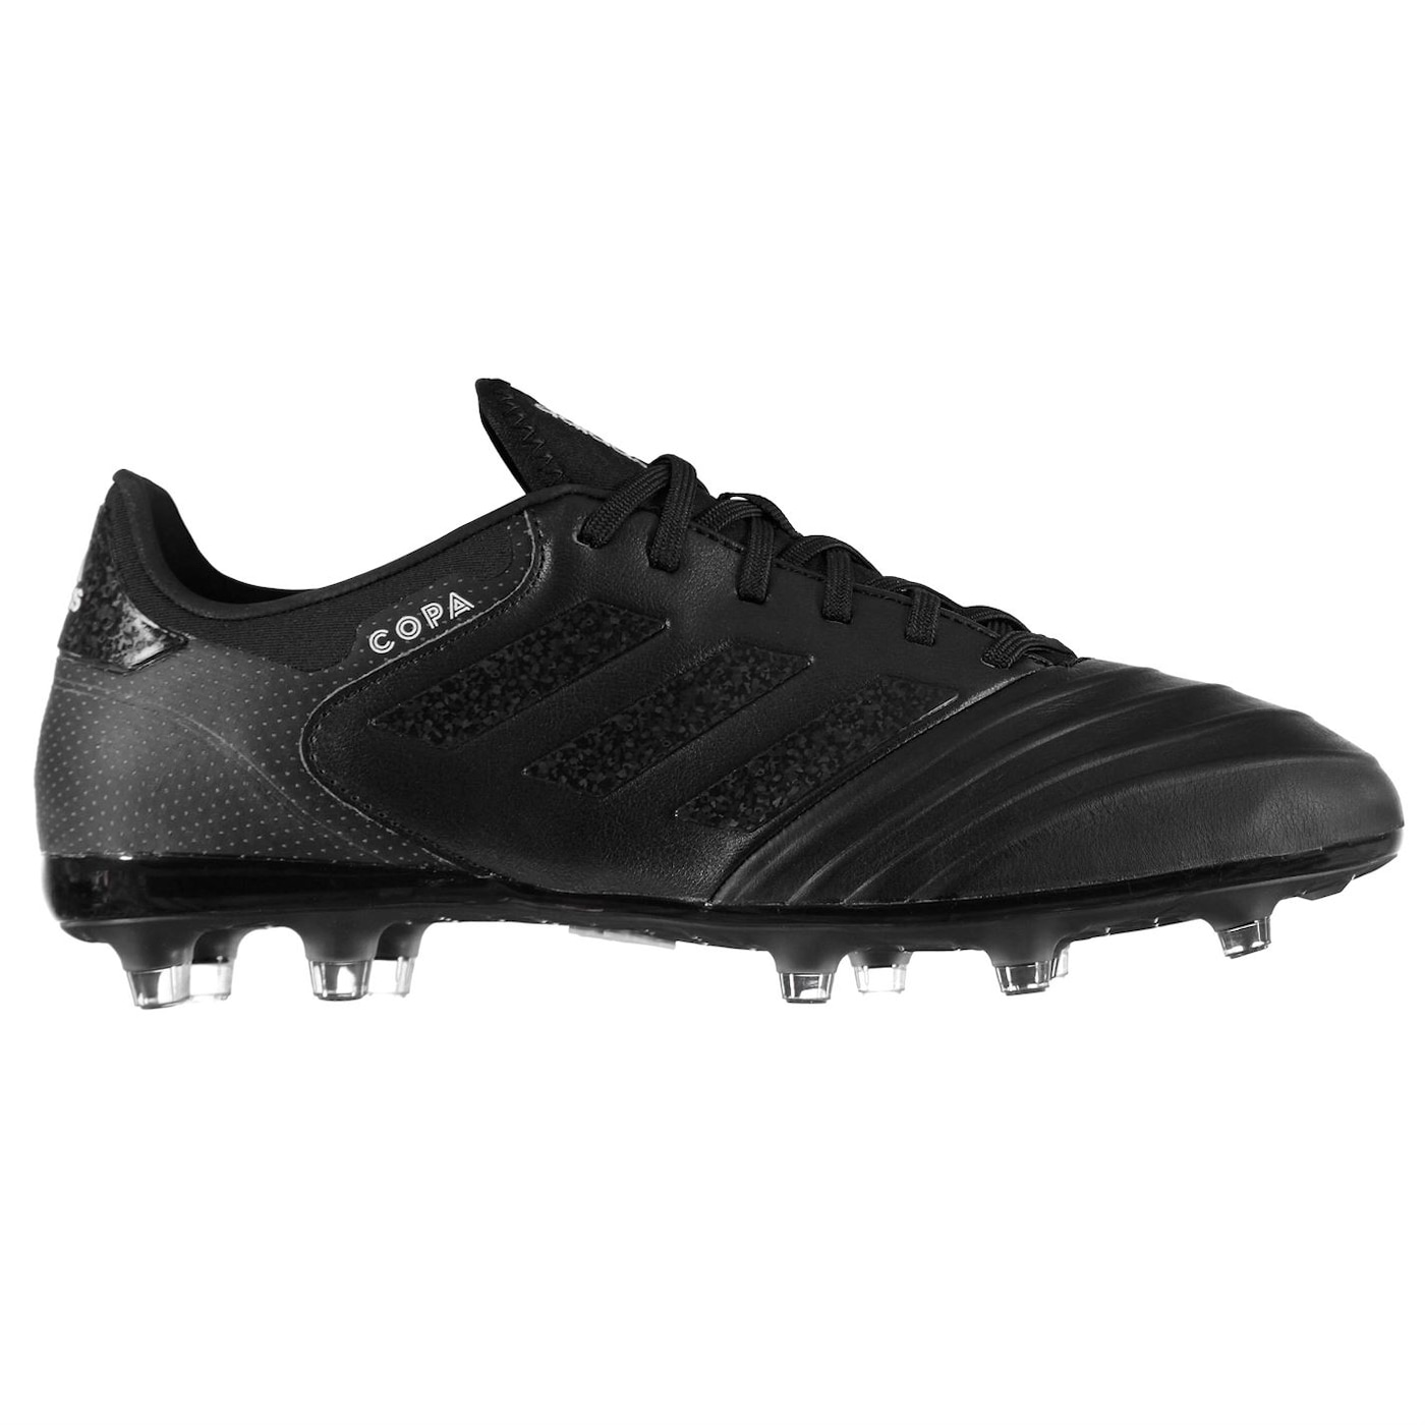 kopačky adidas Copa 18.2 pánské FG